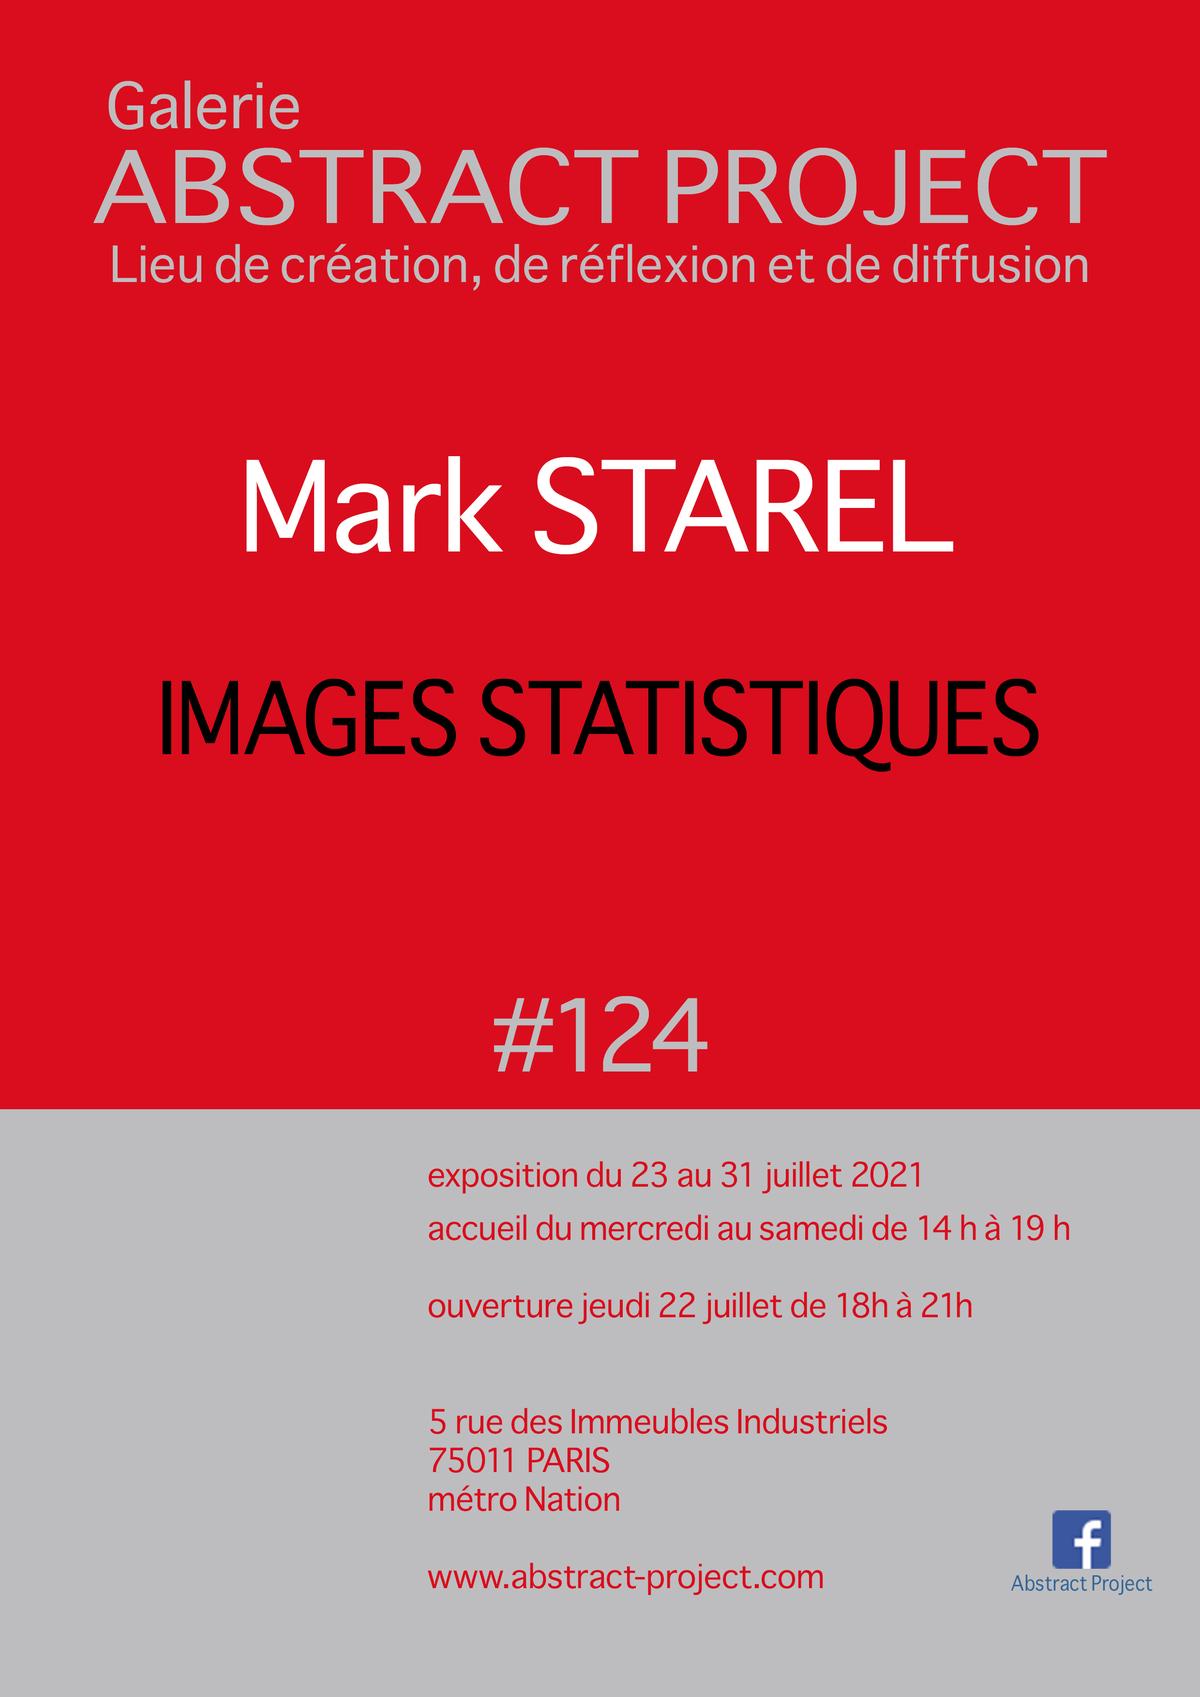 Mark Starel : Images statistiques